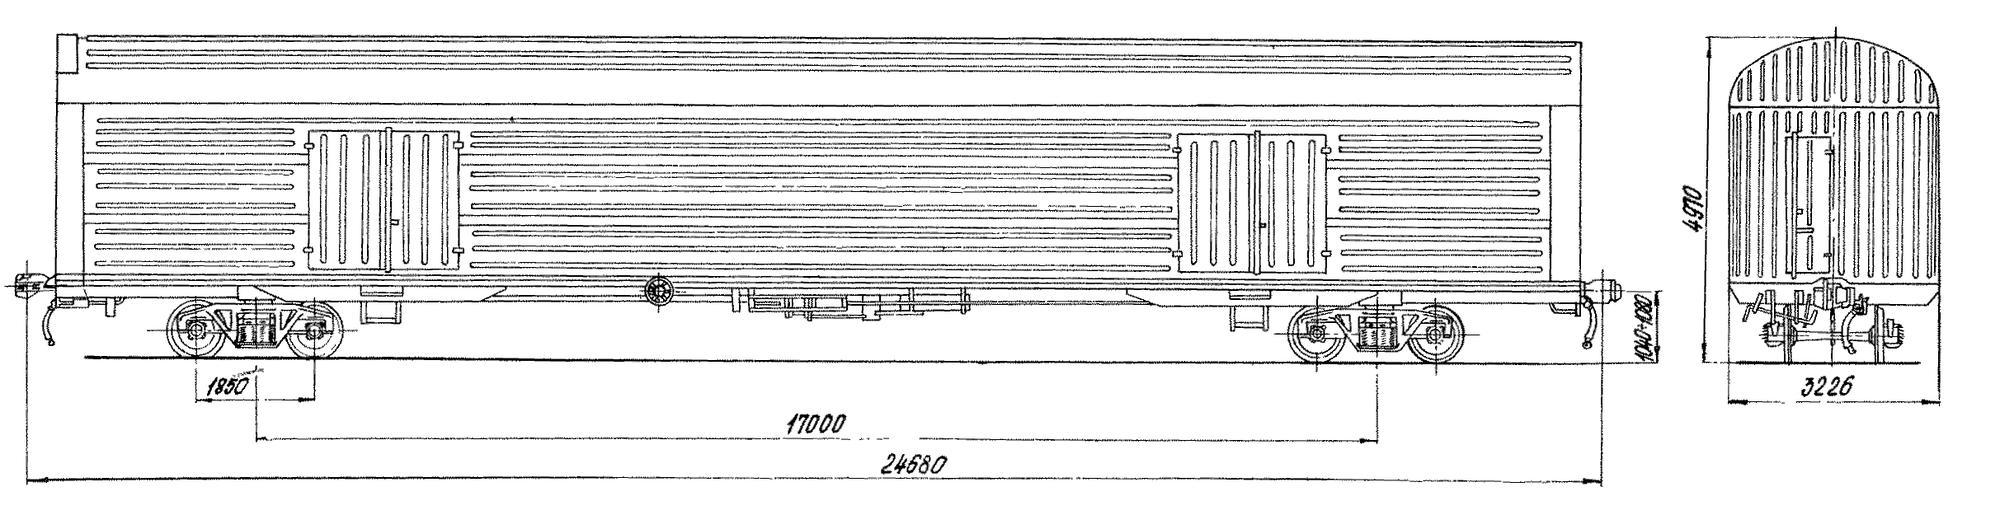 4-осный крытый цельнометаллический вагон для легковых автомобилей